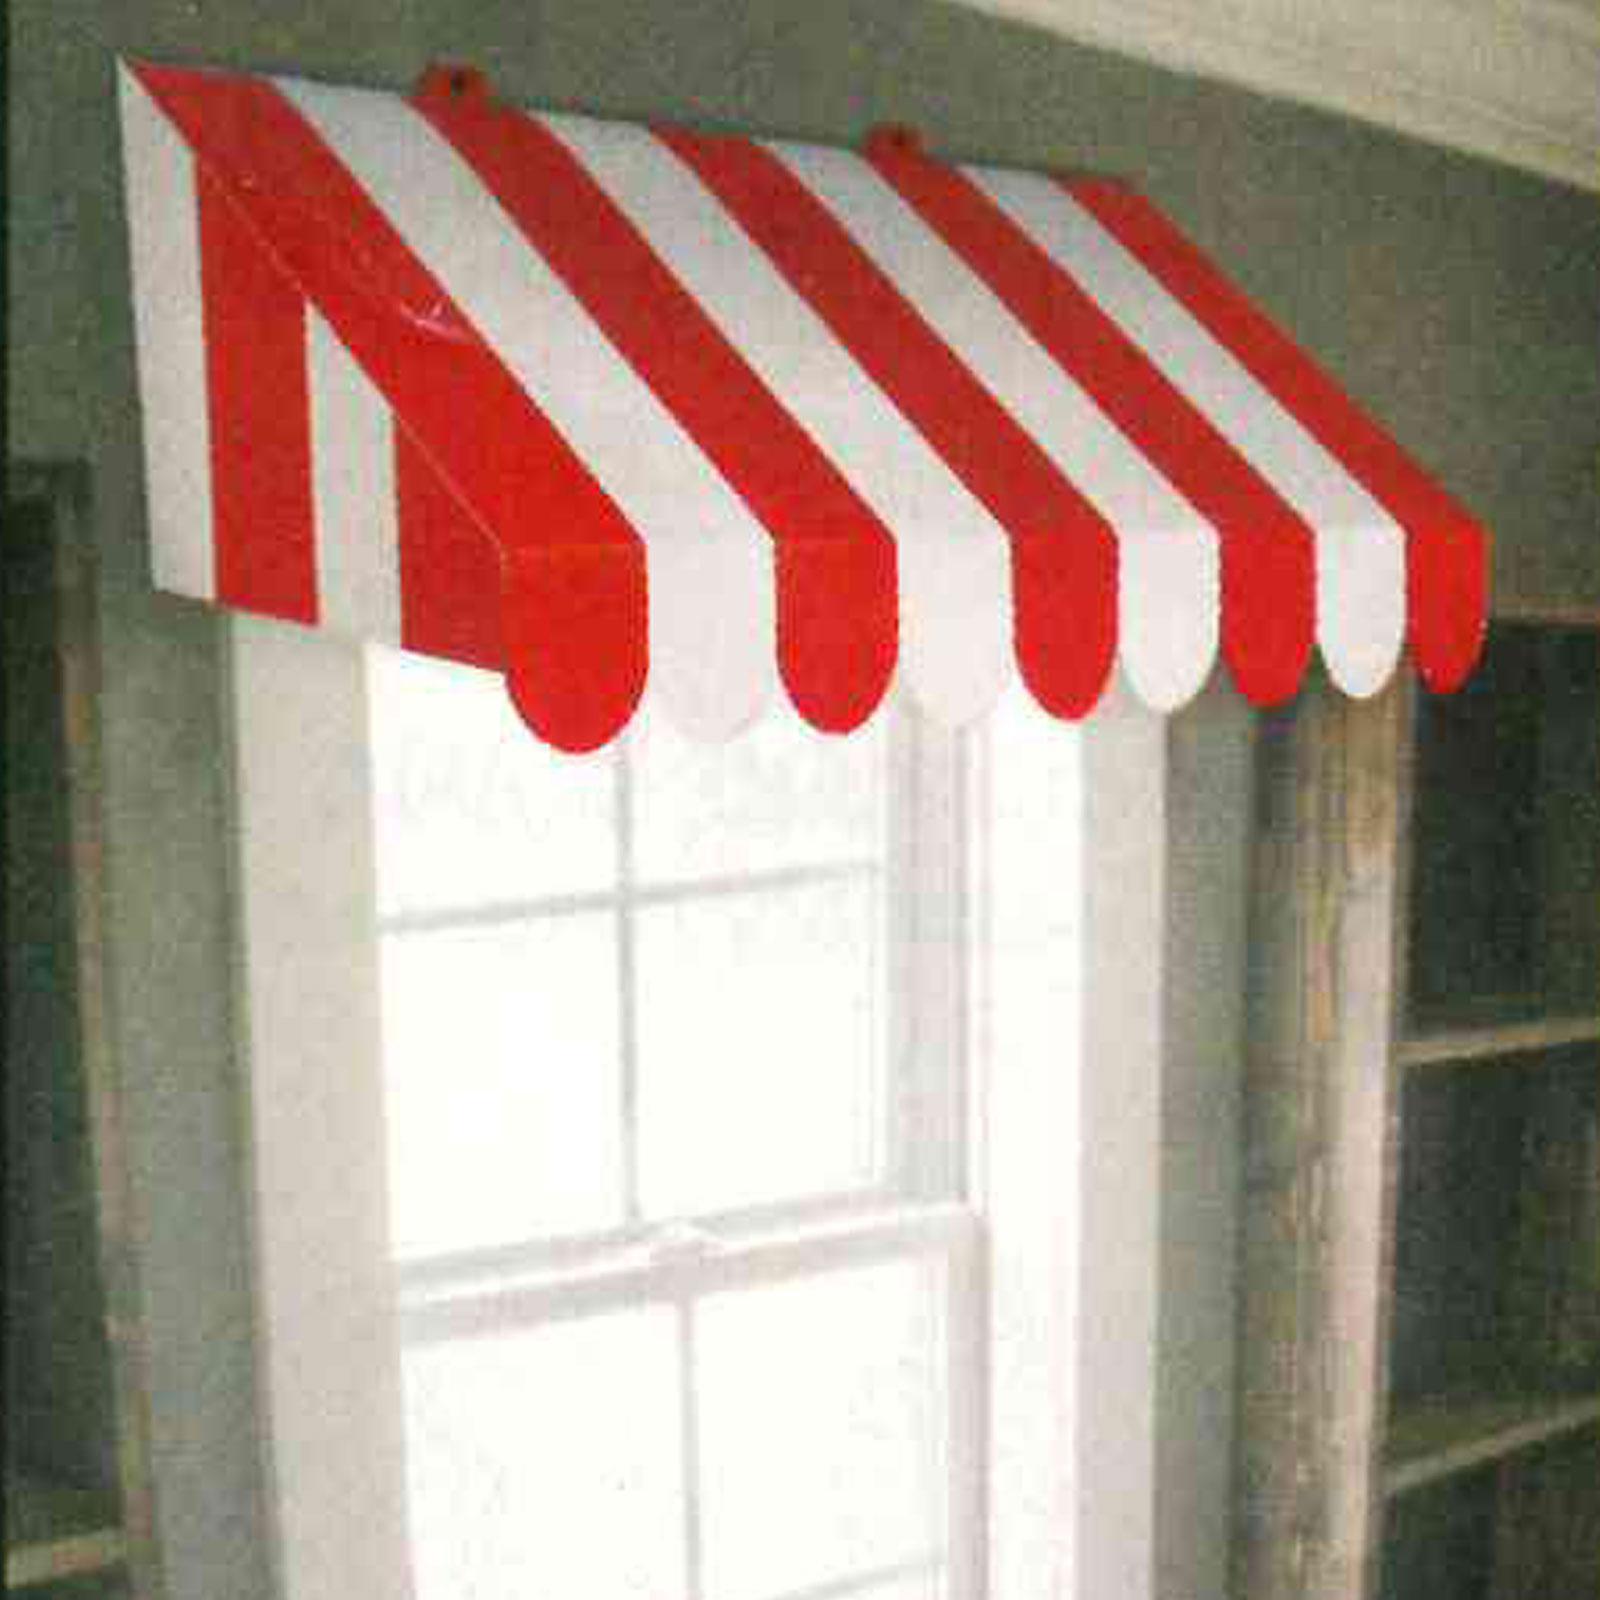 Hervorragend Bistro-Dach - Markise - rot-weiß - Partydeko & Partyartikel für BO07